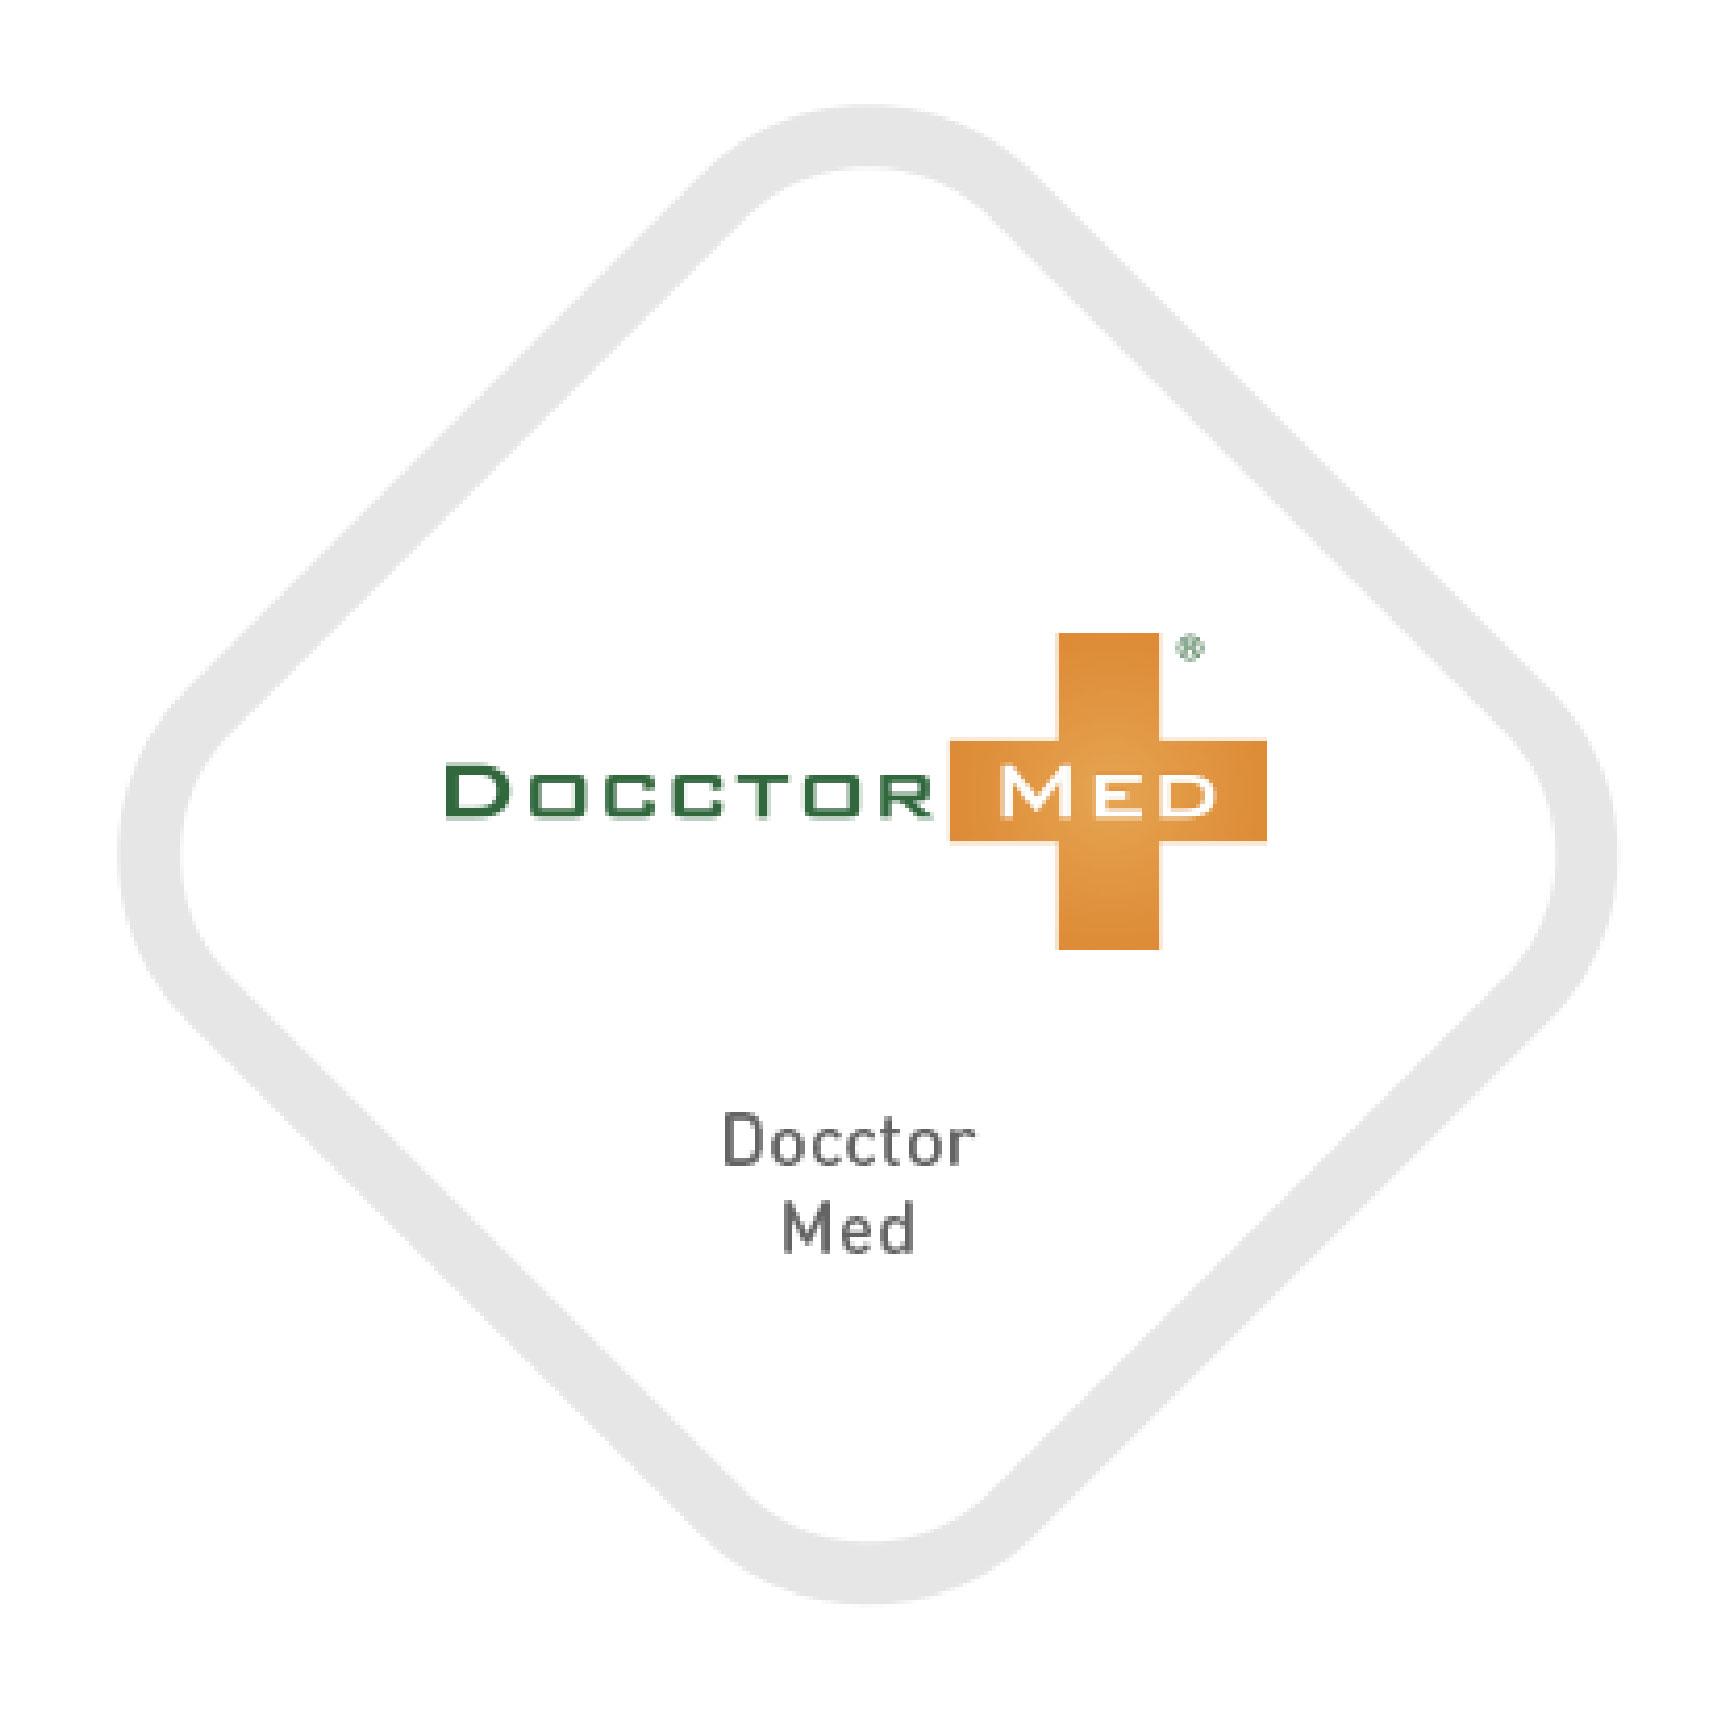 docctor-med